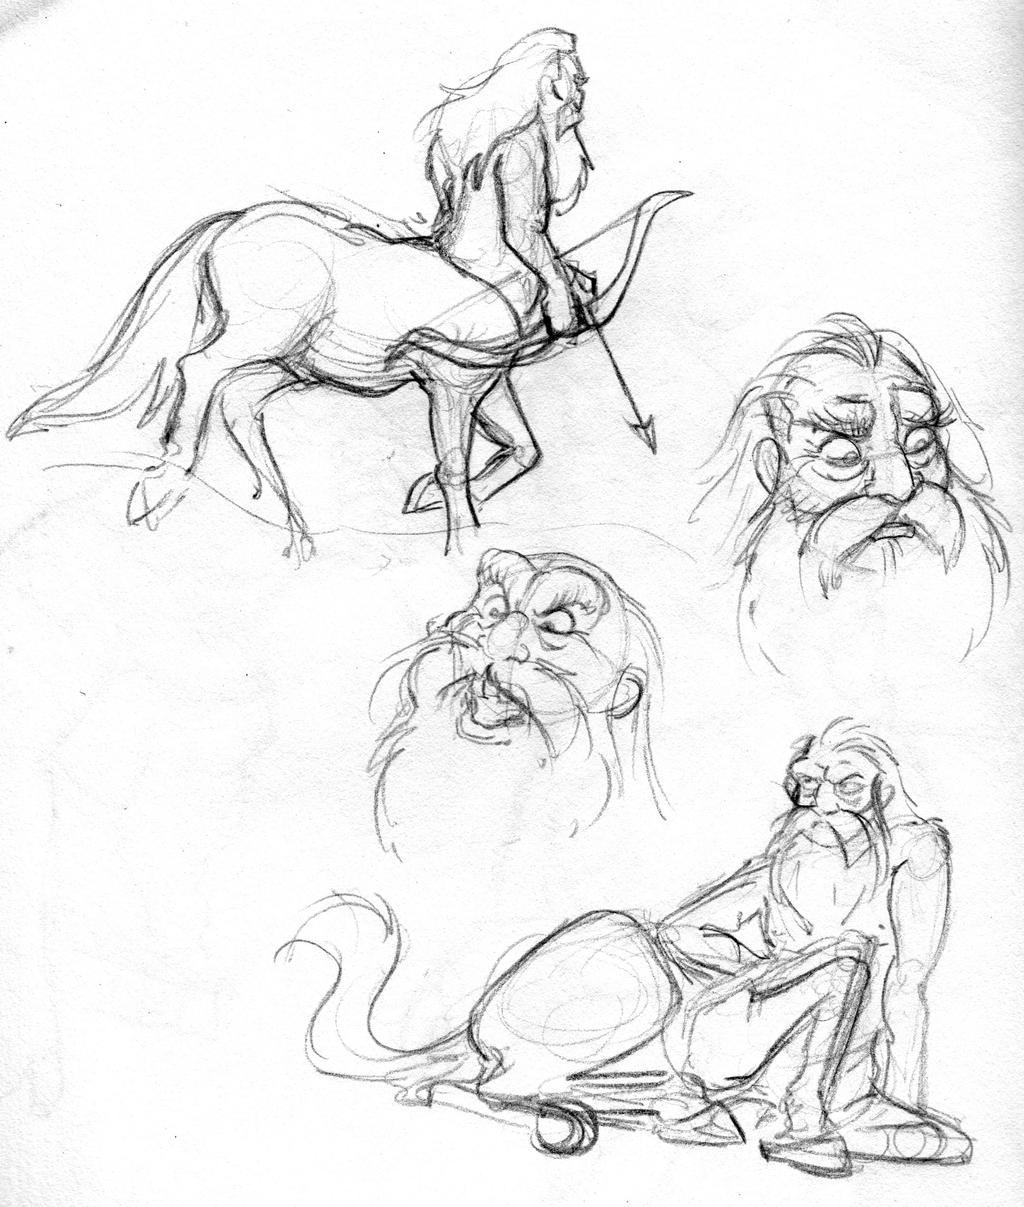 Nicodemus the Healer by Gorpo